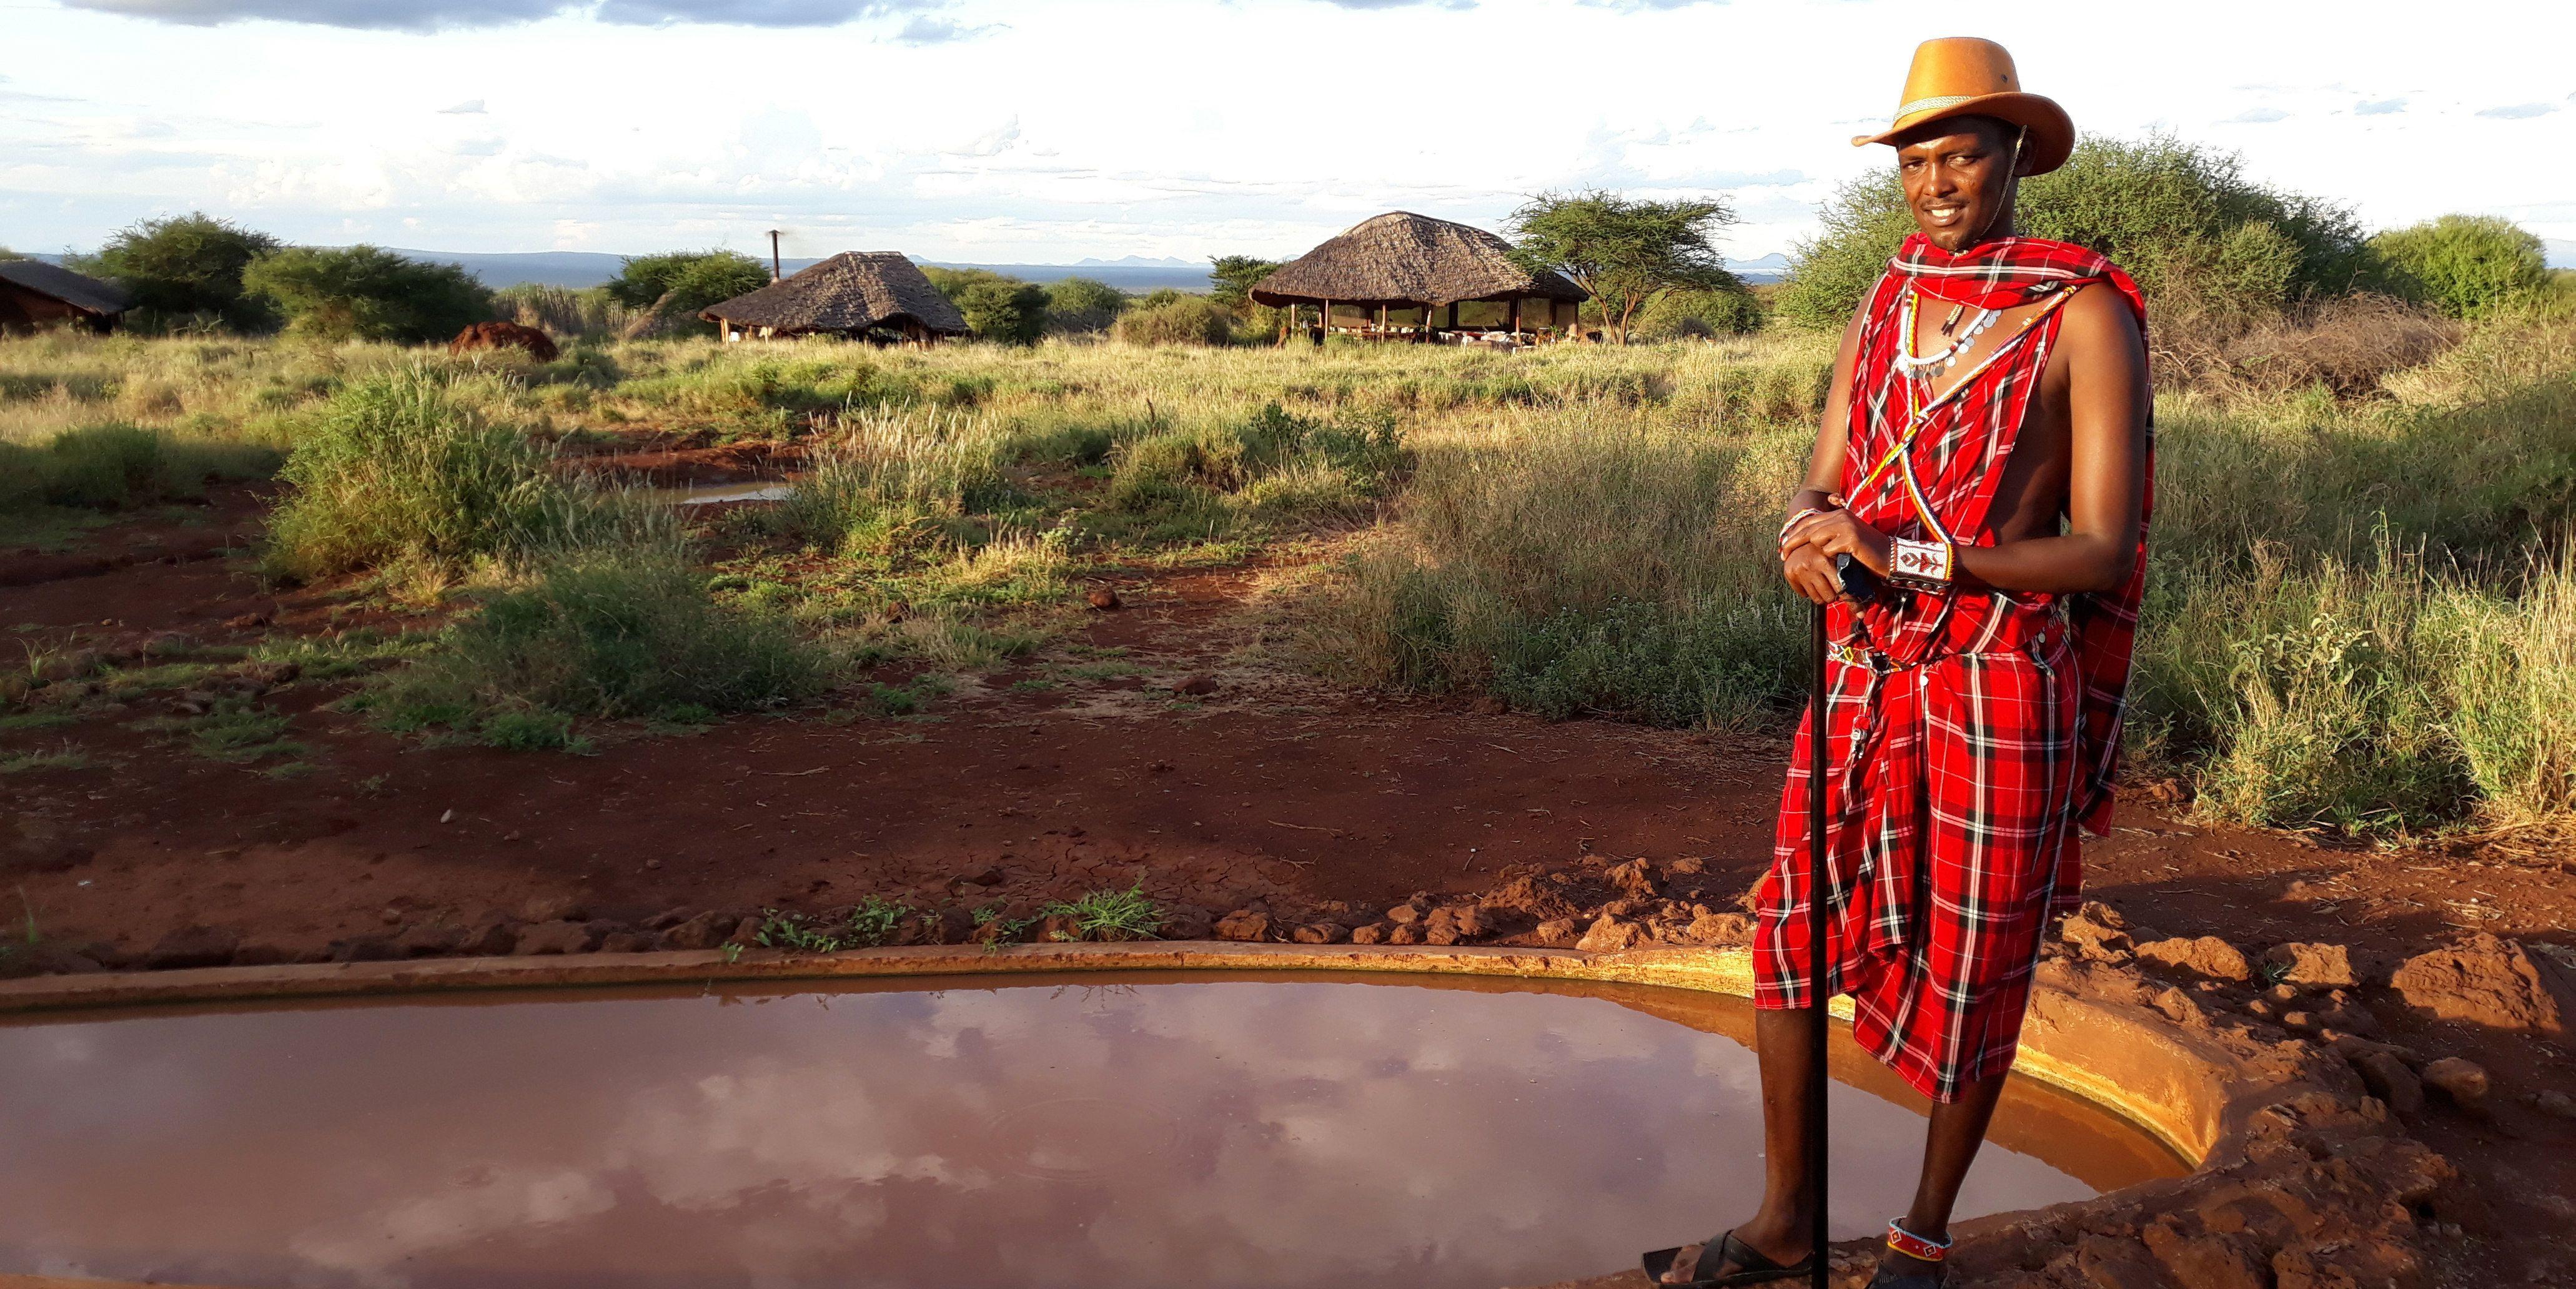 l'Amboseli Bush Camp acceuille les touristes du monde entier pour vivre la vie de brousse et admirer les animaux sauvages (1)